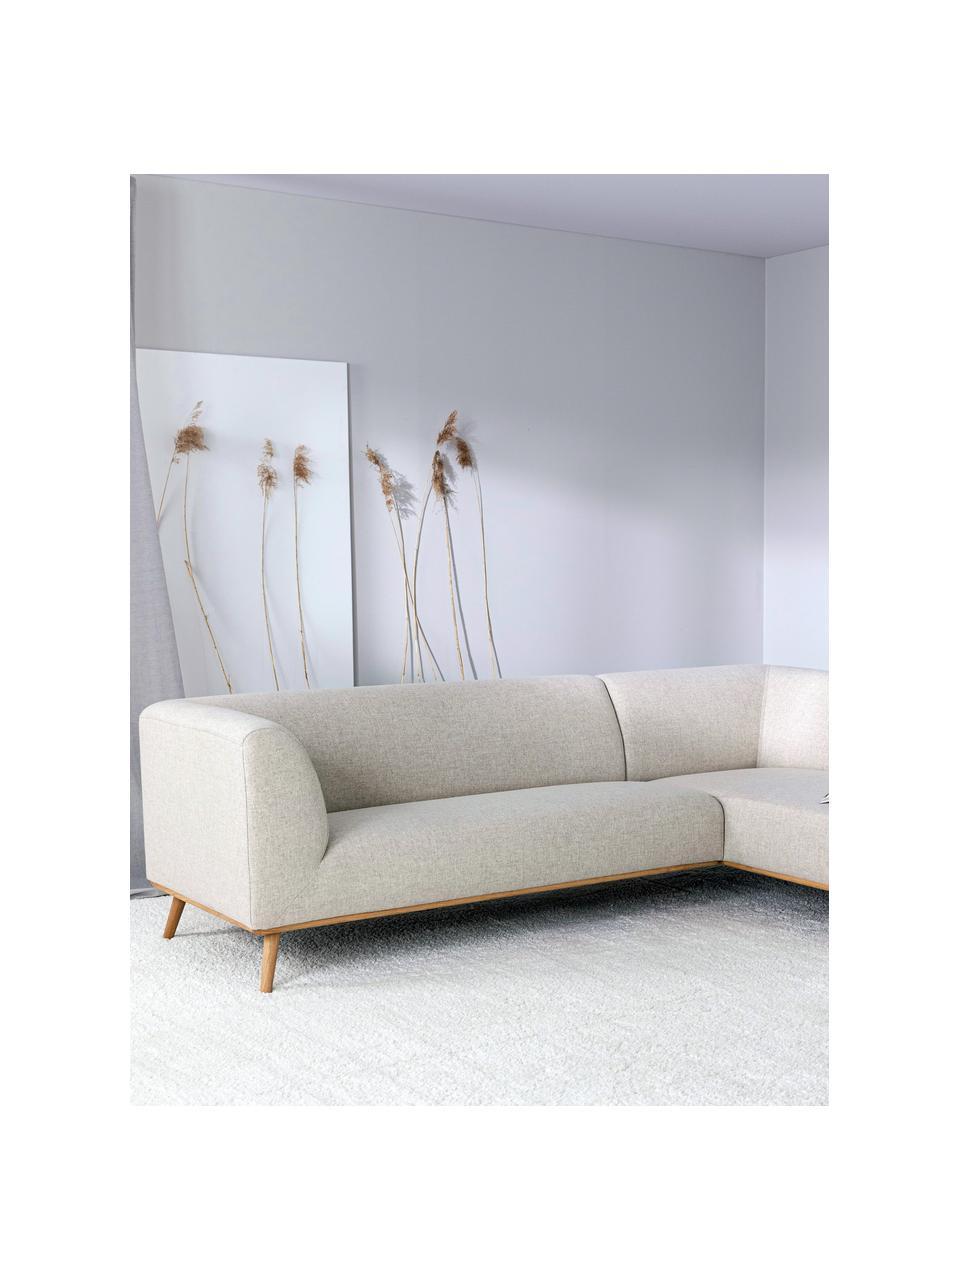 Divano angolare in tessuto beige Archie, Rivestimento: 100% lana 30.000 cicli di, Struttura: legno di pino, Piedini: legno di quercia massicci, Tessuto beige, Larg. 264 x Prof. 162 cm